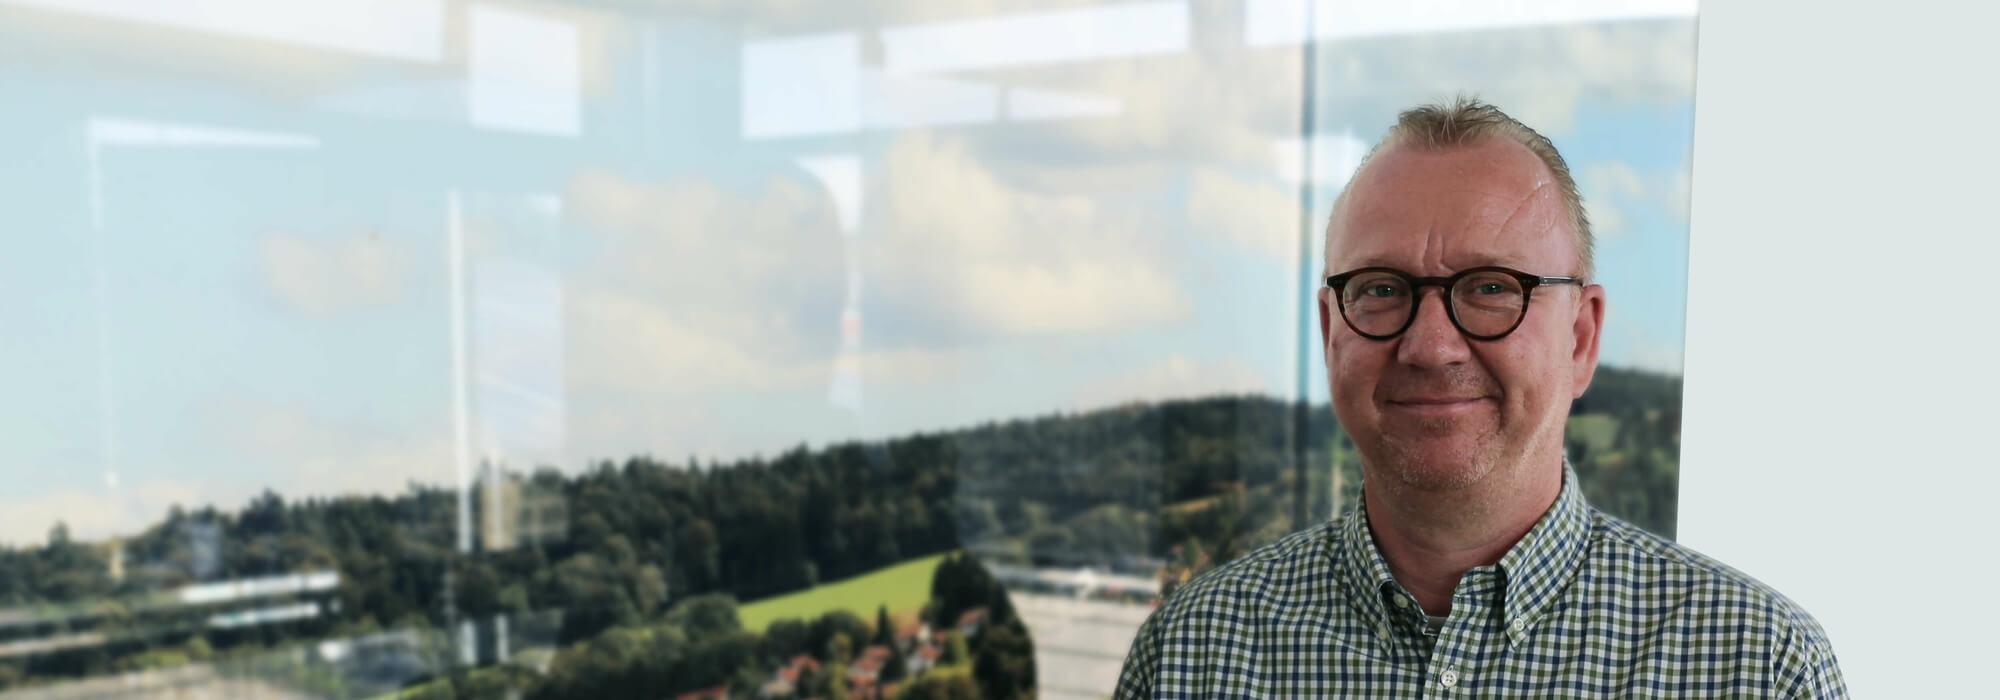 Stefan Lestin: SPRINZ Interieur Handelsvertretung Nordrhein-Westfalen